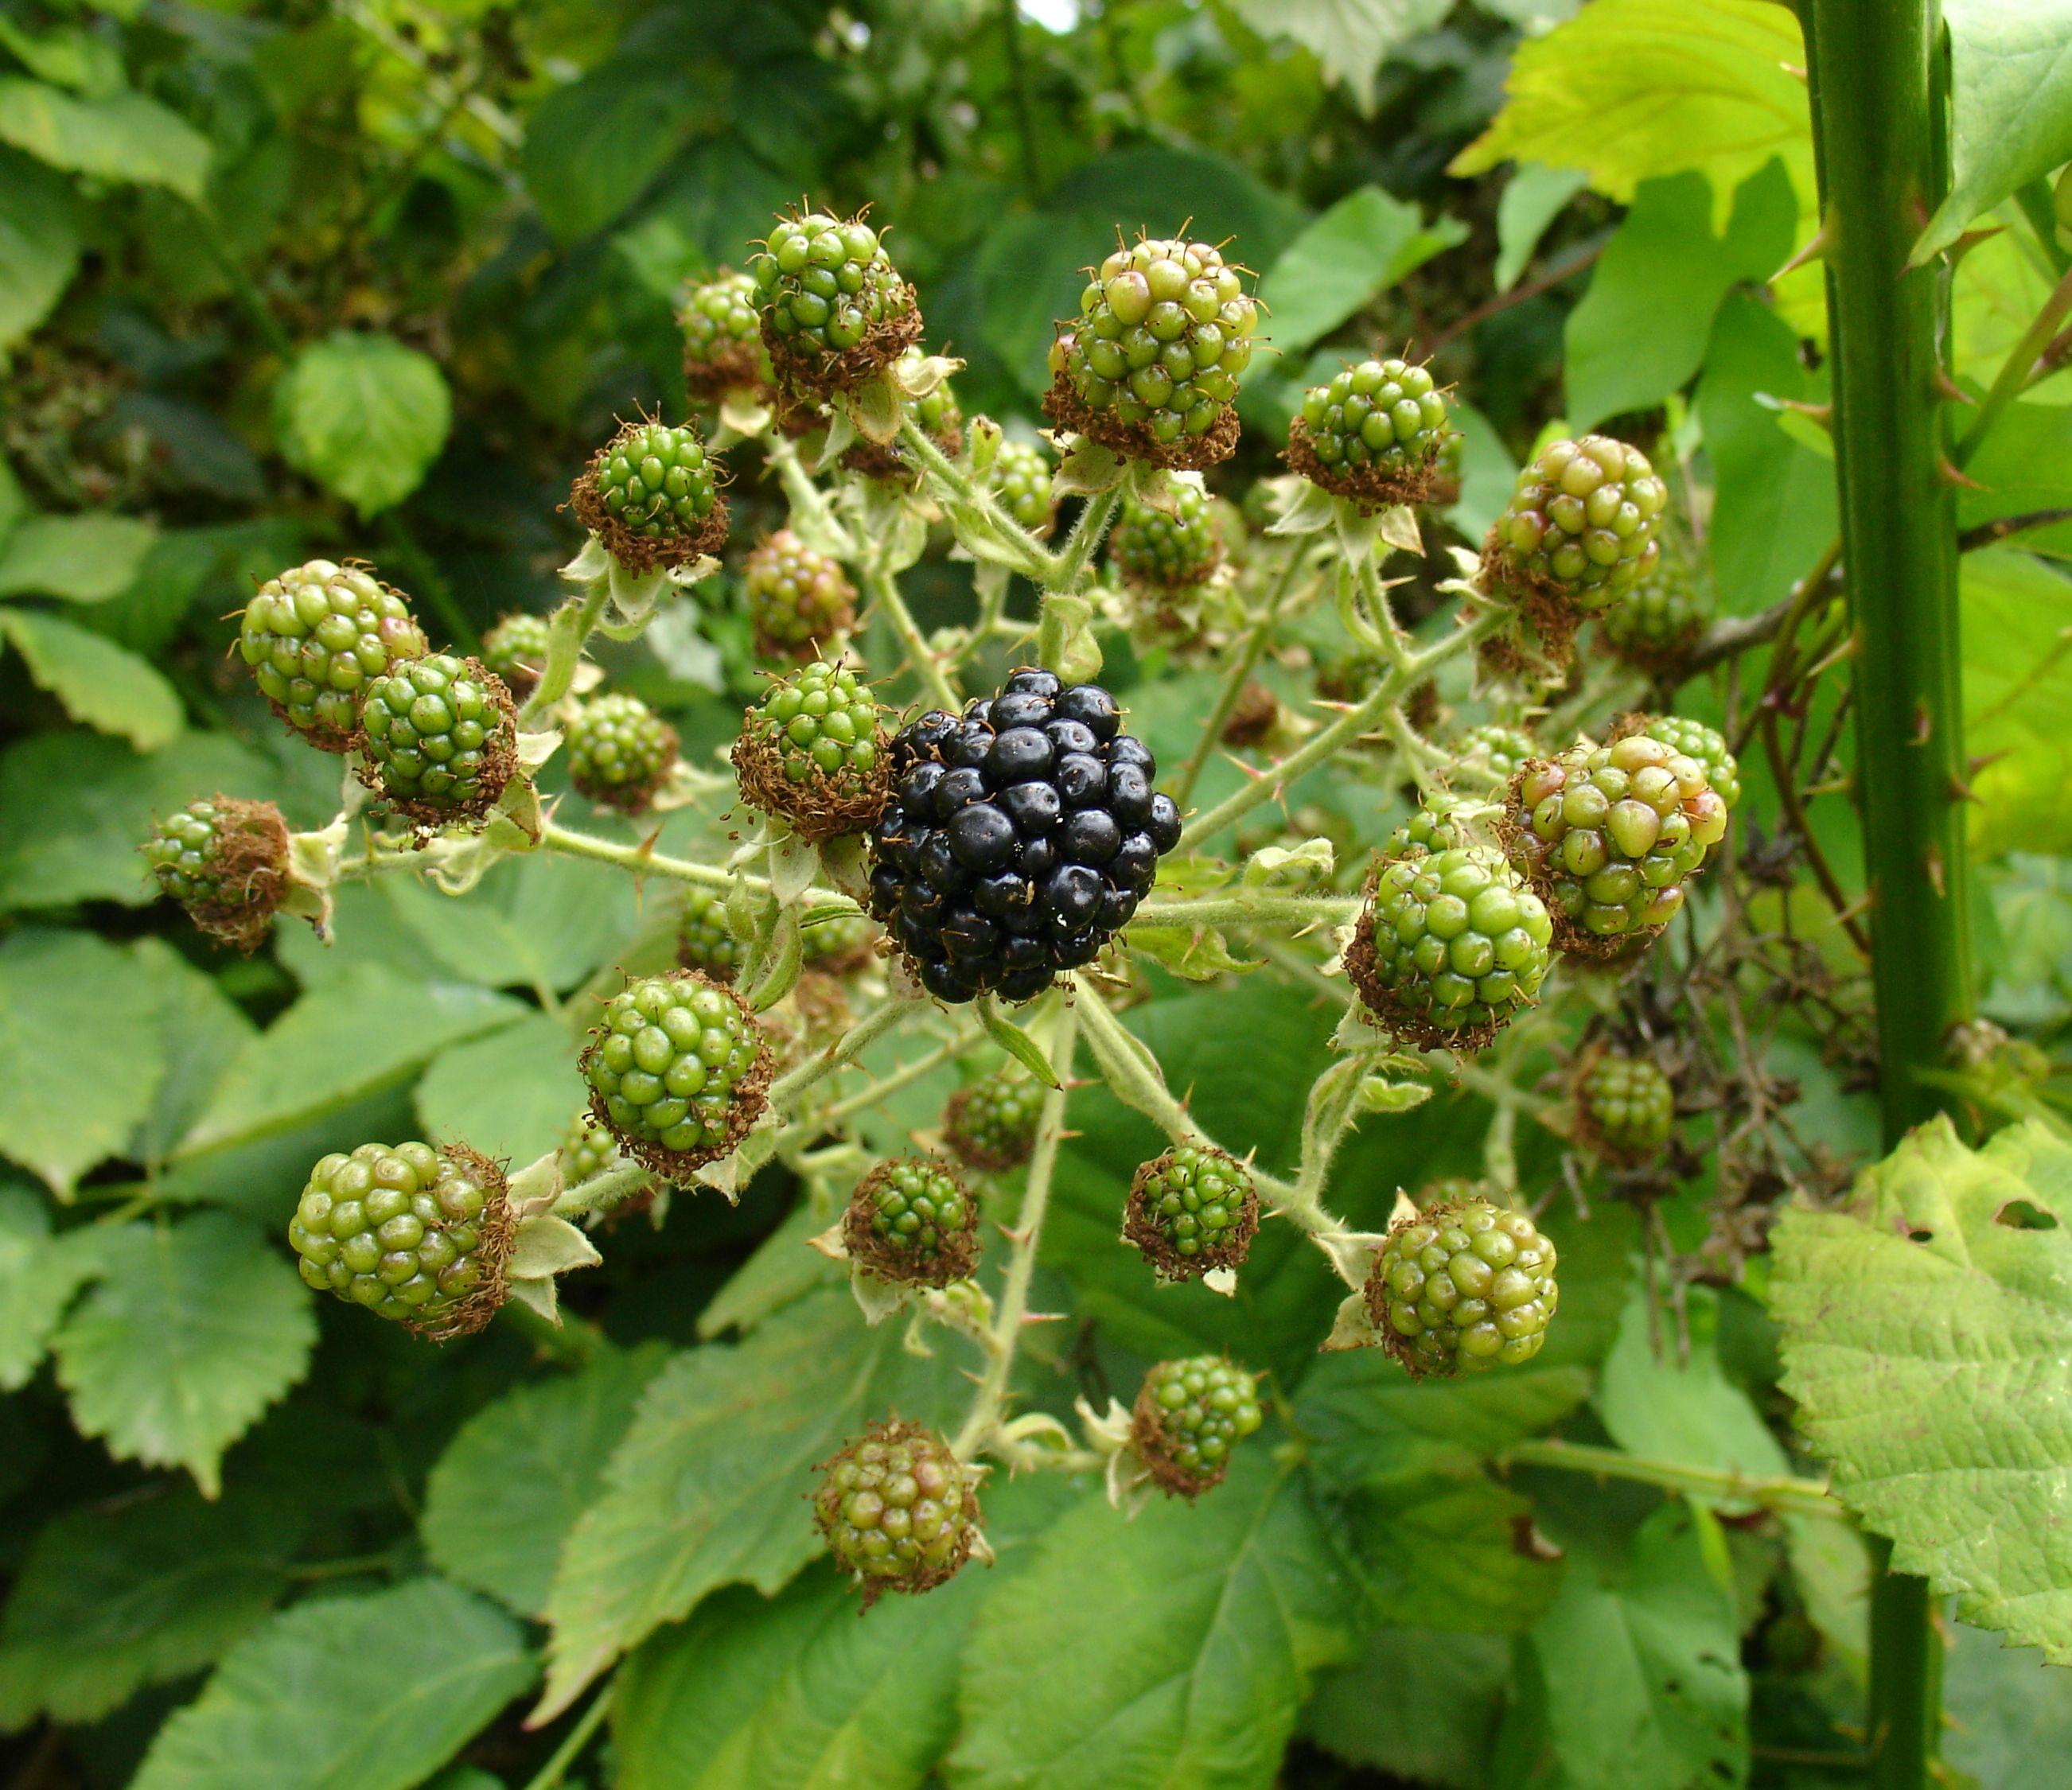 Pruning Blackberries Growing Blackberries Successfully at